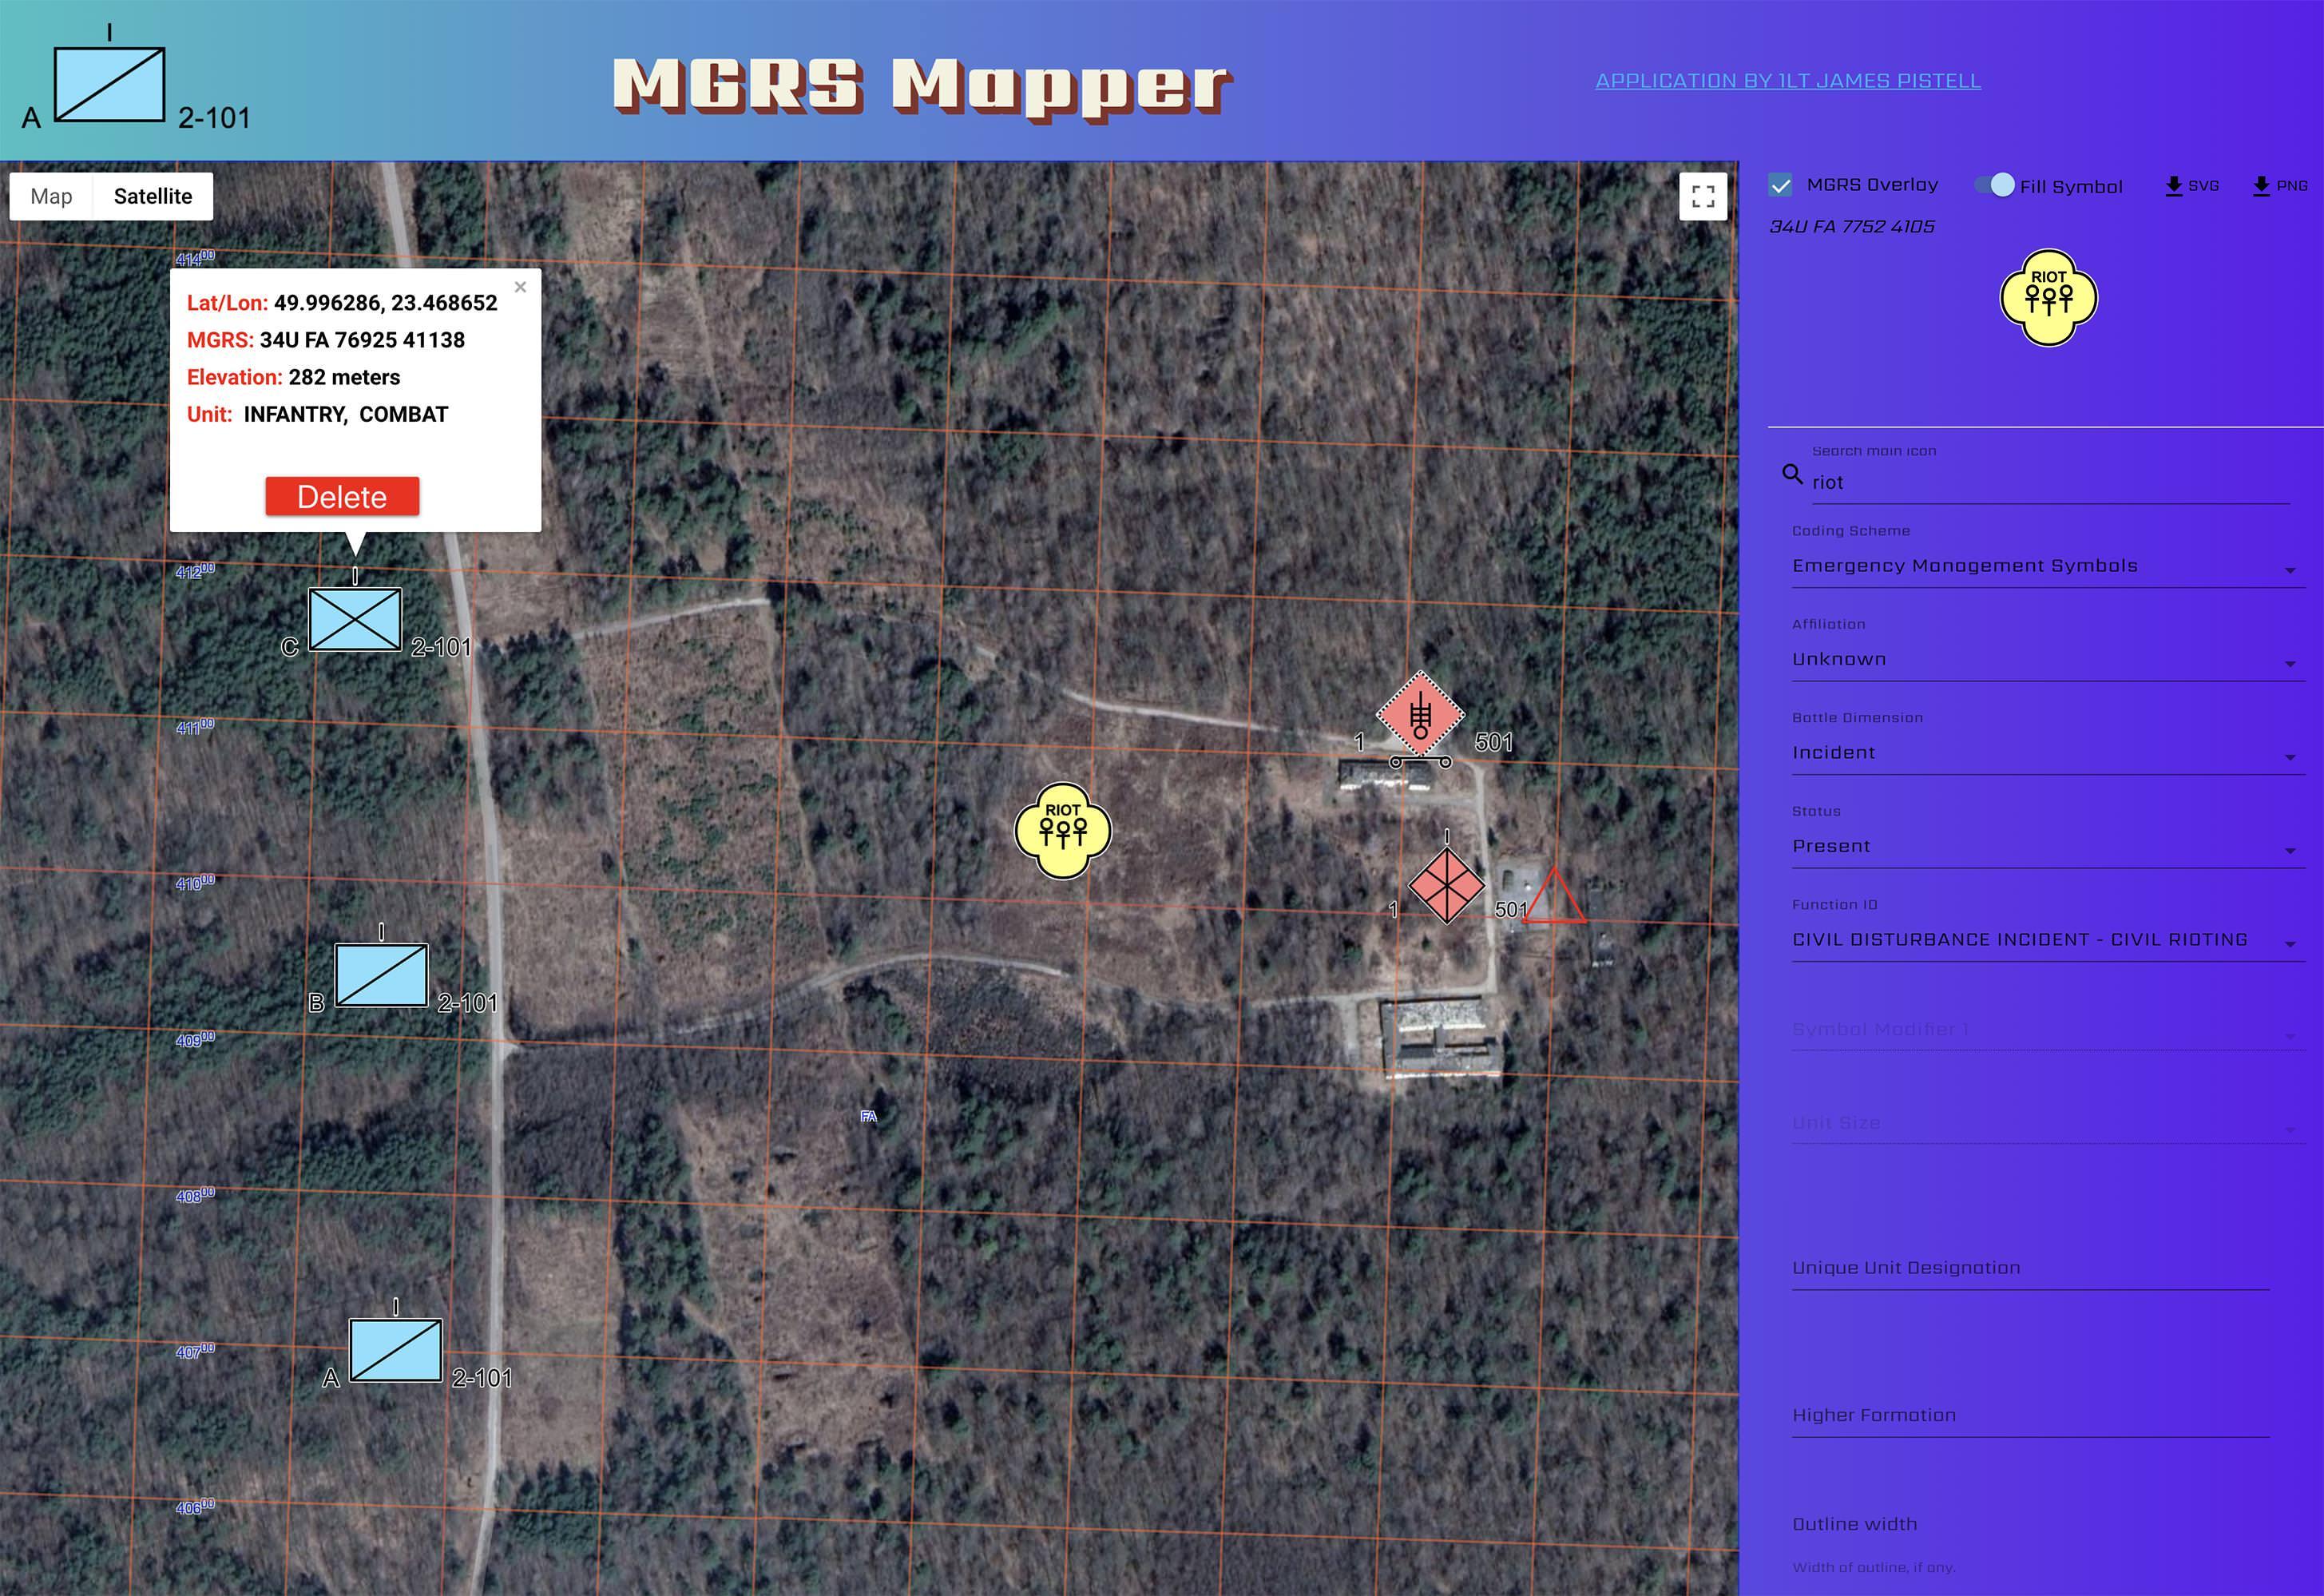 MGRS Mapper Screenshot